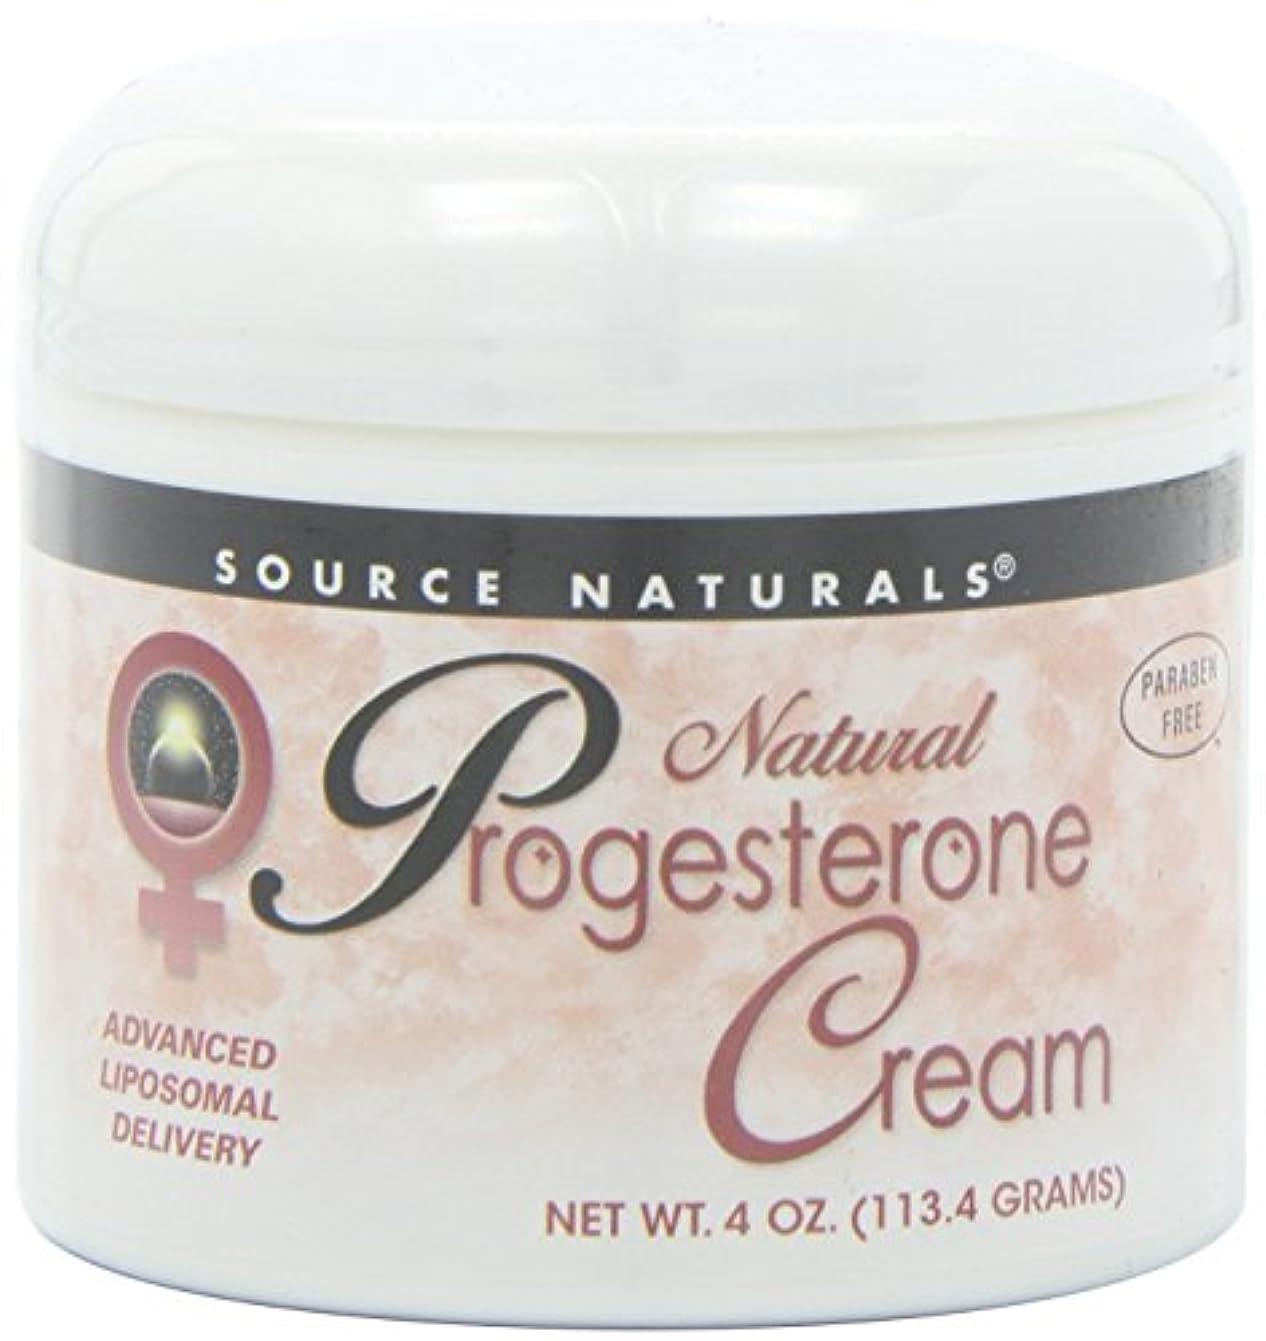 重大み差し控えるSource Naturals Natural Progesterone Cream, 4 Ounce (113.4 g) クリーム 並行輸入品 [並行輸入品]